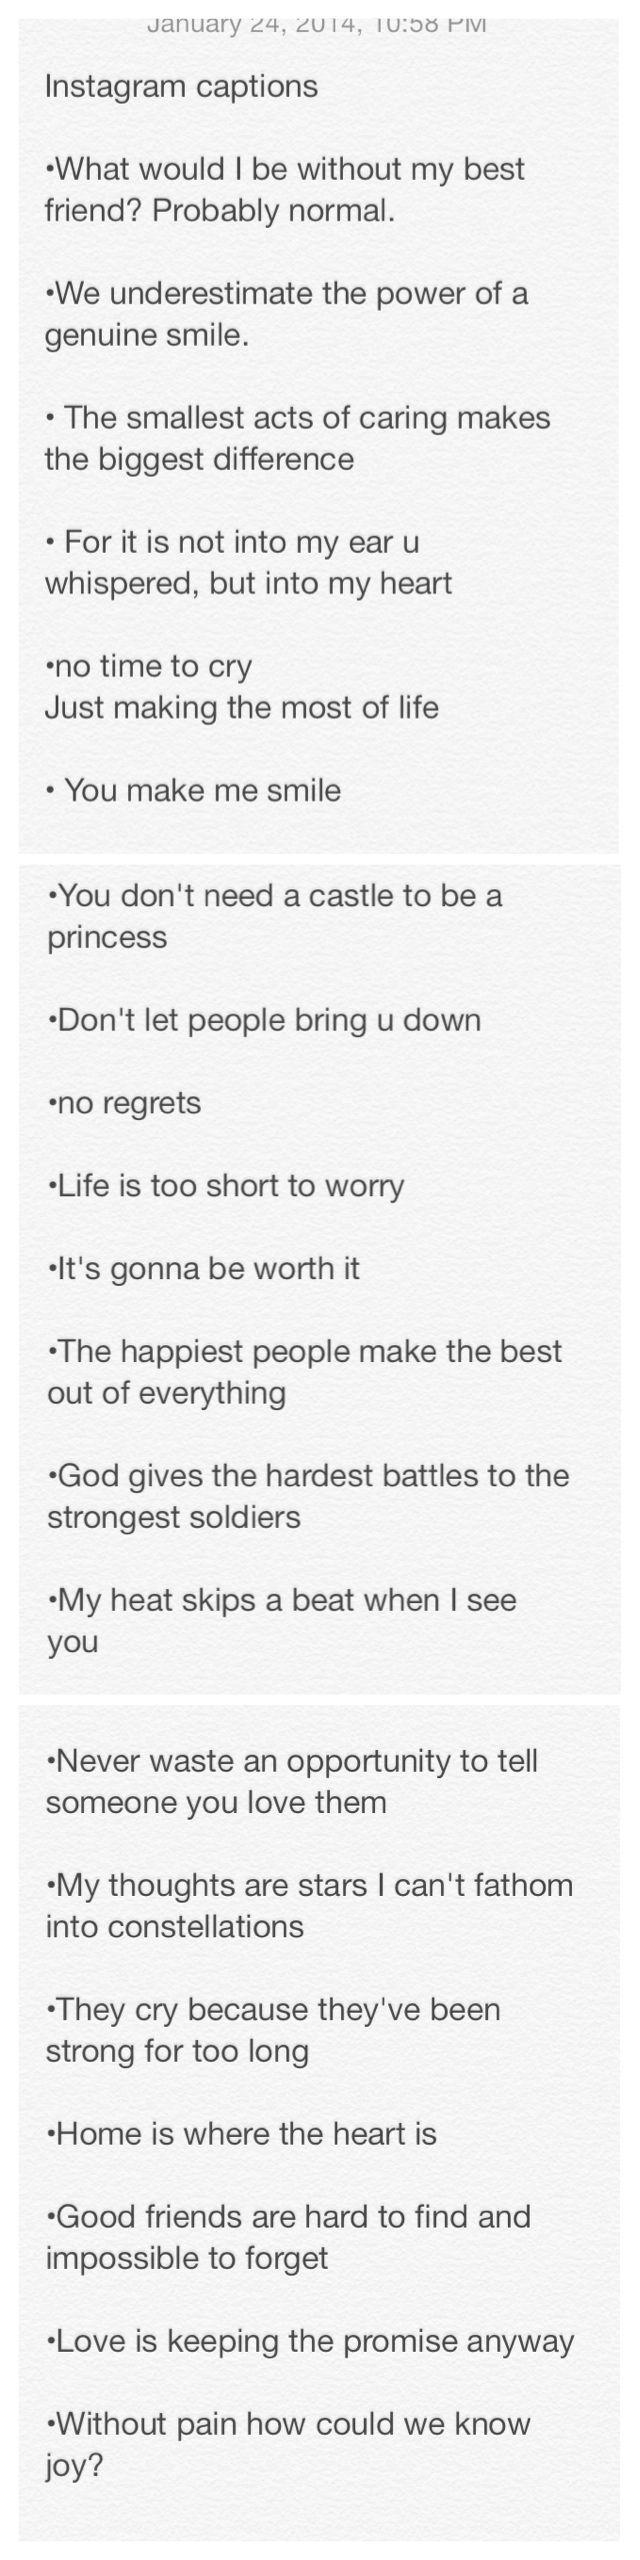 Best Friend Birthday Quotes Instagram : Best instagram bio quotes ideas on